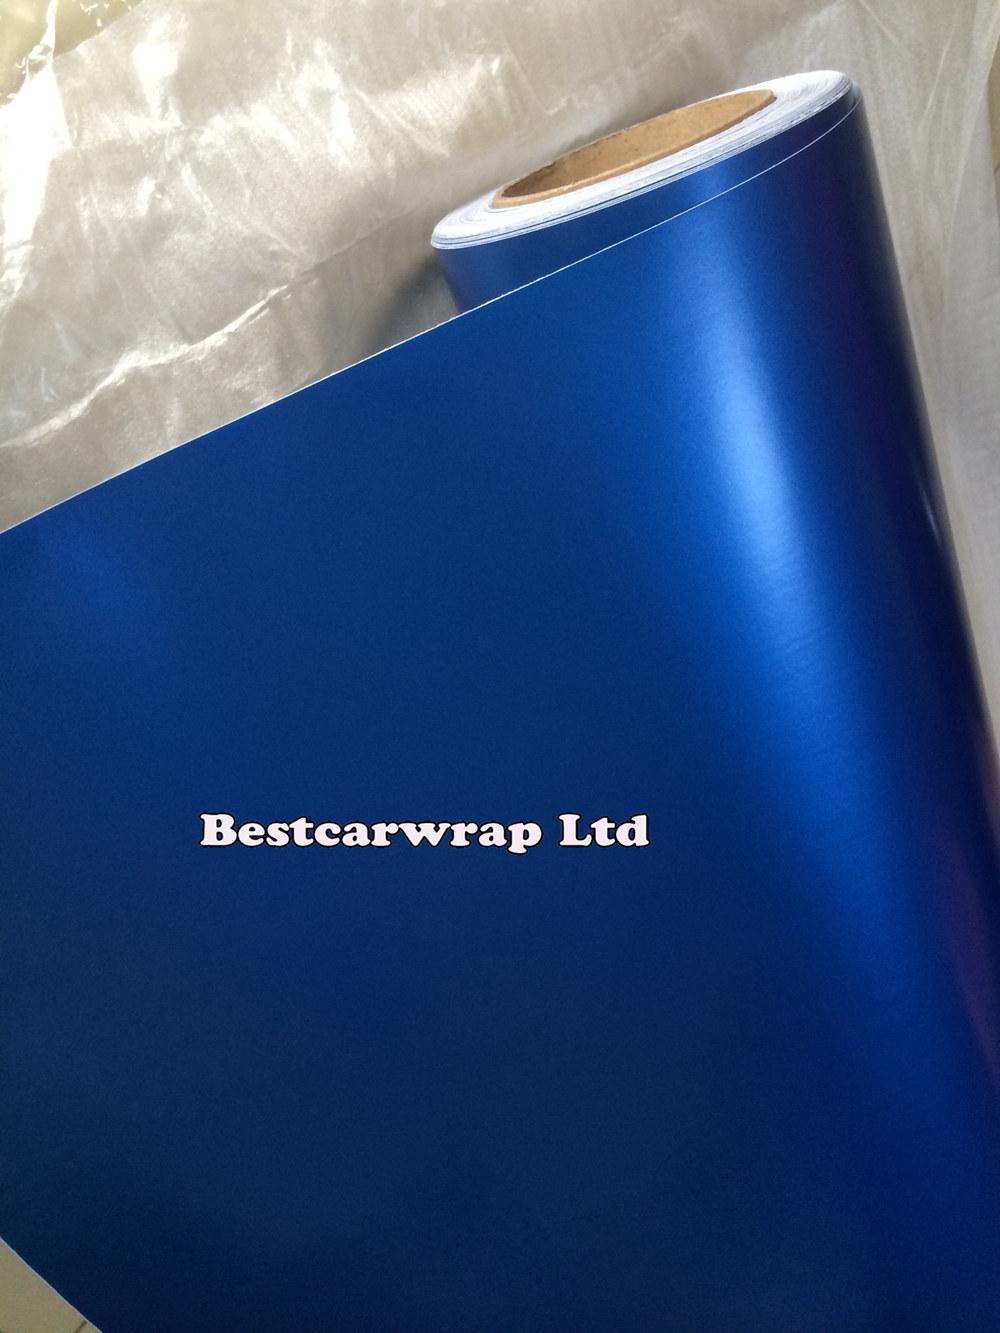 Satin pearl blue matt vinyl car wrap film with air release (5).JPG